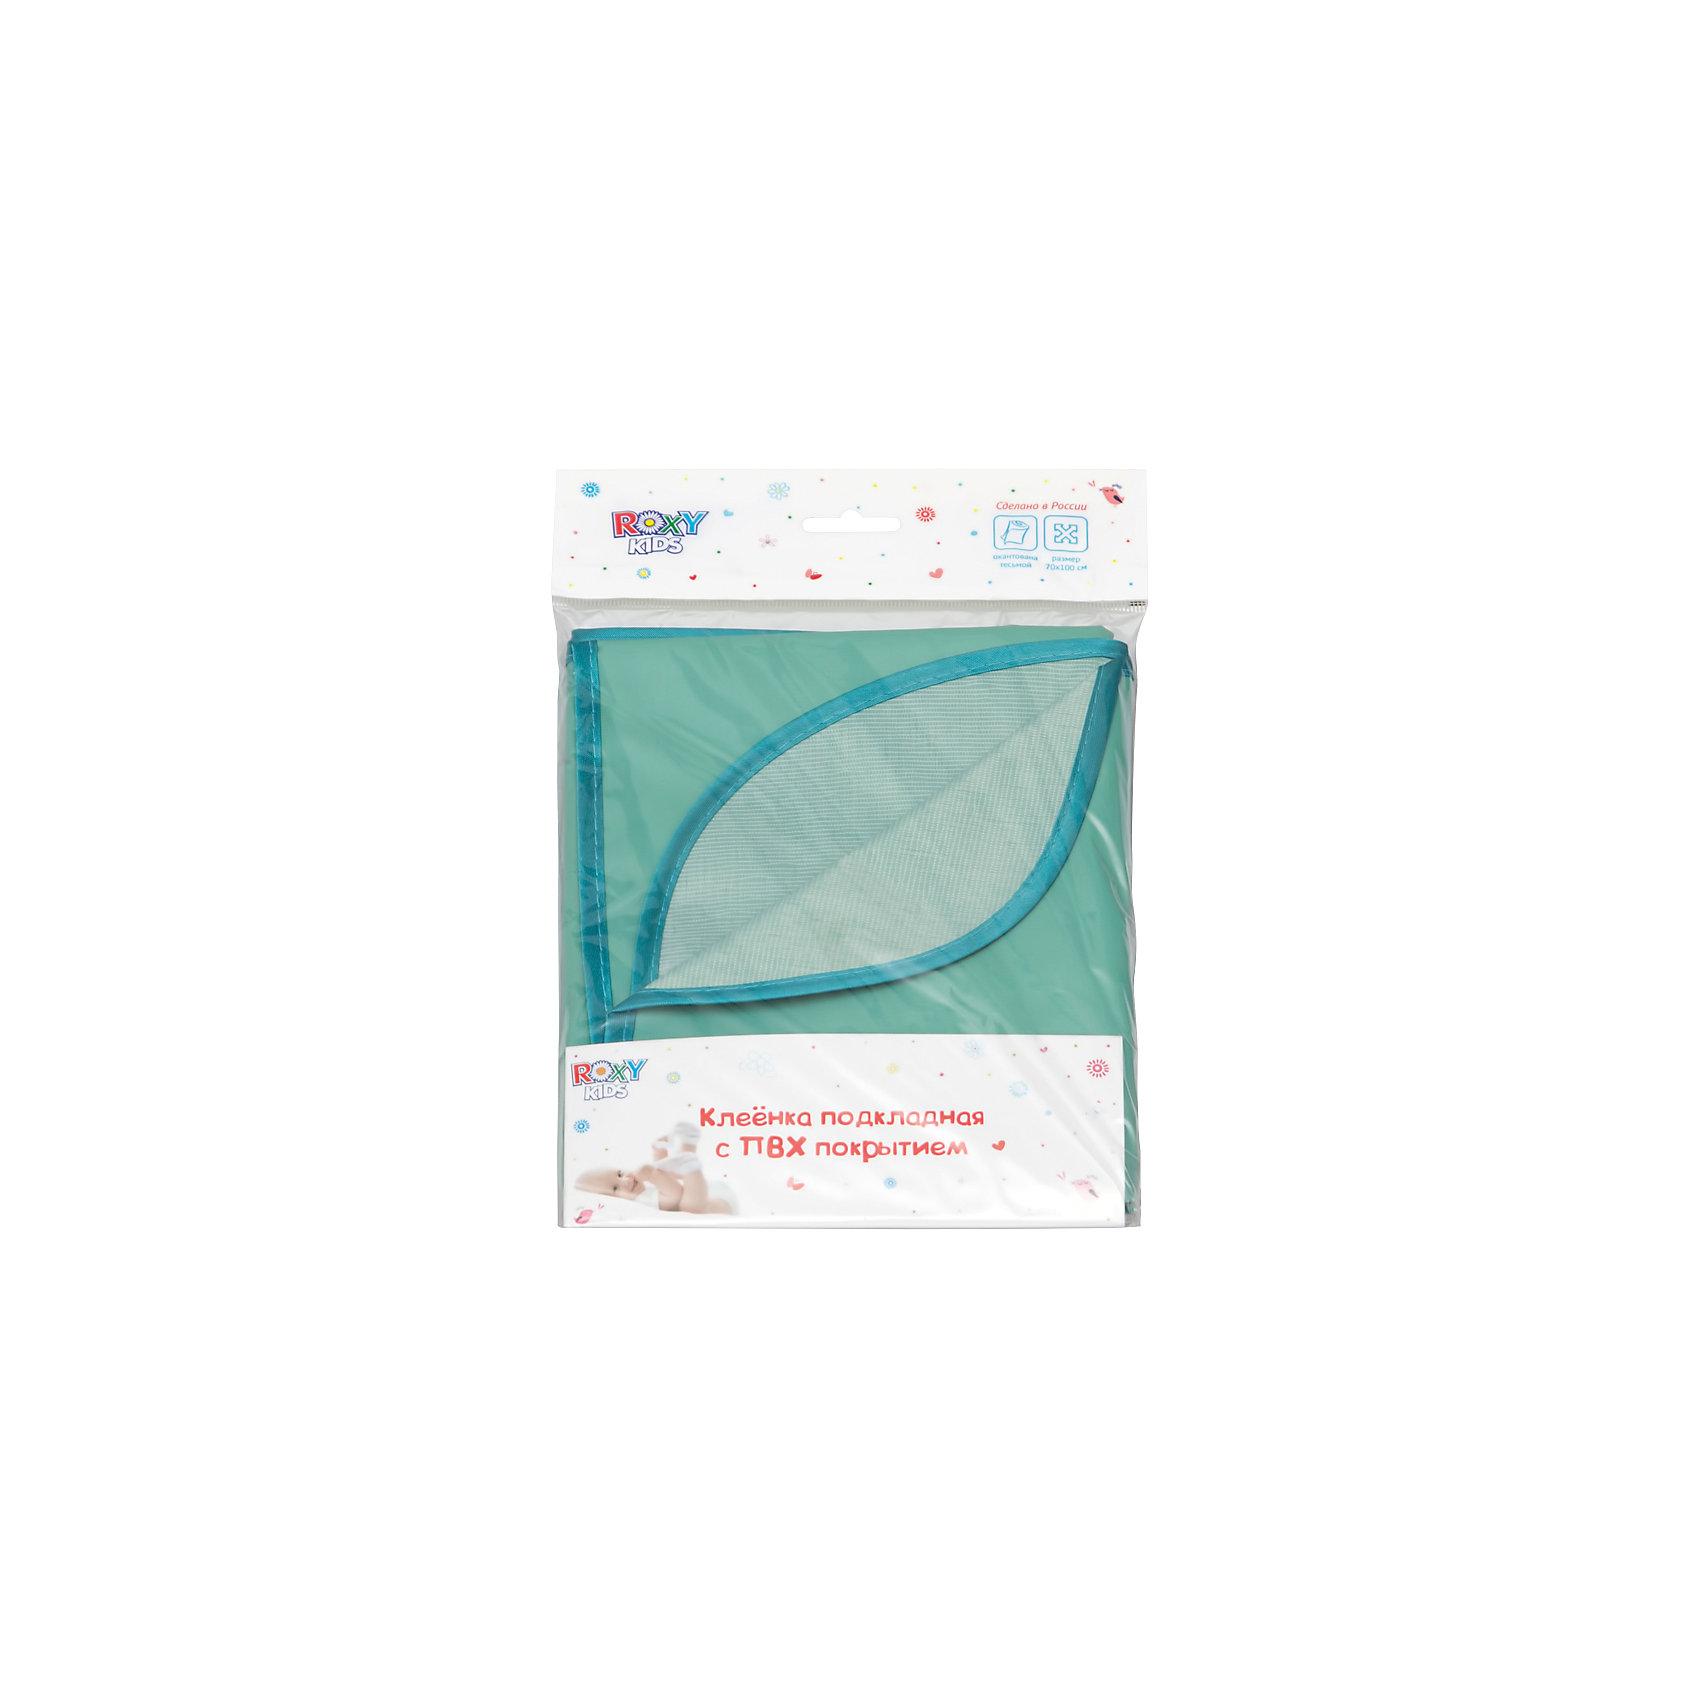 Клеенка подкладная с ПВХ покрытием, Roxy-Kids, зеленыйКлеенка подкладная с ПВХ покрытием, Roxy-Kids, зеленый идеально подходит к размерам детских матрасиков в кроватках и колясках и рекомендована к применению в быту при уходе за малышами!<br><br>Характеристики:<br>-Соответствует всем медицинским требованиям <br>-Изготовлена из полиэфирной ткани: влагонепроницаемая, газопроницаемая и паропроницаемая, что способствует профилактики детских опрелостей <br>-ПВХ покрытие на лицевой стороне обладает отличной теплопроводностью, быстро приобретает температуру тела без «эффекта холодного прикосновения»<br>-Идеально подходит к размерам детских матрасиков в кроватках и колясках<br><br>Дополнительная информация:<br>-Размер: 100х70 см<br>-Размеры в упаковке: 21х17 см<br>-Вес в упаковке: 50 г<br>-Цвет:  зеленый<br>-Материалы: ПВХ, текстиль<br><br>Безопасная и практичная клеенка с ПВХ покрытием идеальна для защиты детской кожи и постельного белья и матраса, и с ней сон малыша будет сладким и крепким!<br><br>Клеенка подкладная с ПВХ покрытием, Roxy-Kids, зеленый можно купить в нашем магазине.<br><br>Ширина мм: 210<br>Глубина мм: 170<br>Высота мм: 0<br>Вес г: 50<br>Возраст от месяцев: 0<br>Возраст до месяцев: 12<br>Пол: Унисекс<br>Возраст: Детский<br>SKU: 4231880